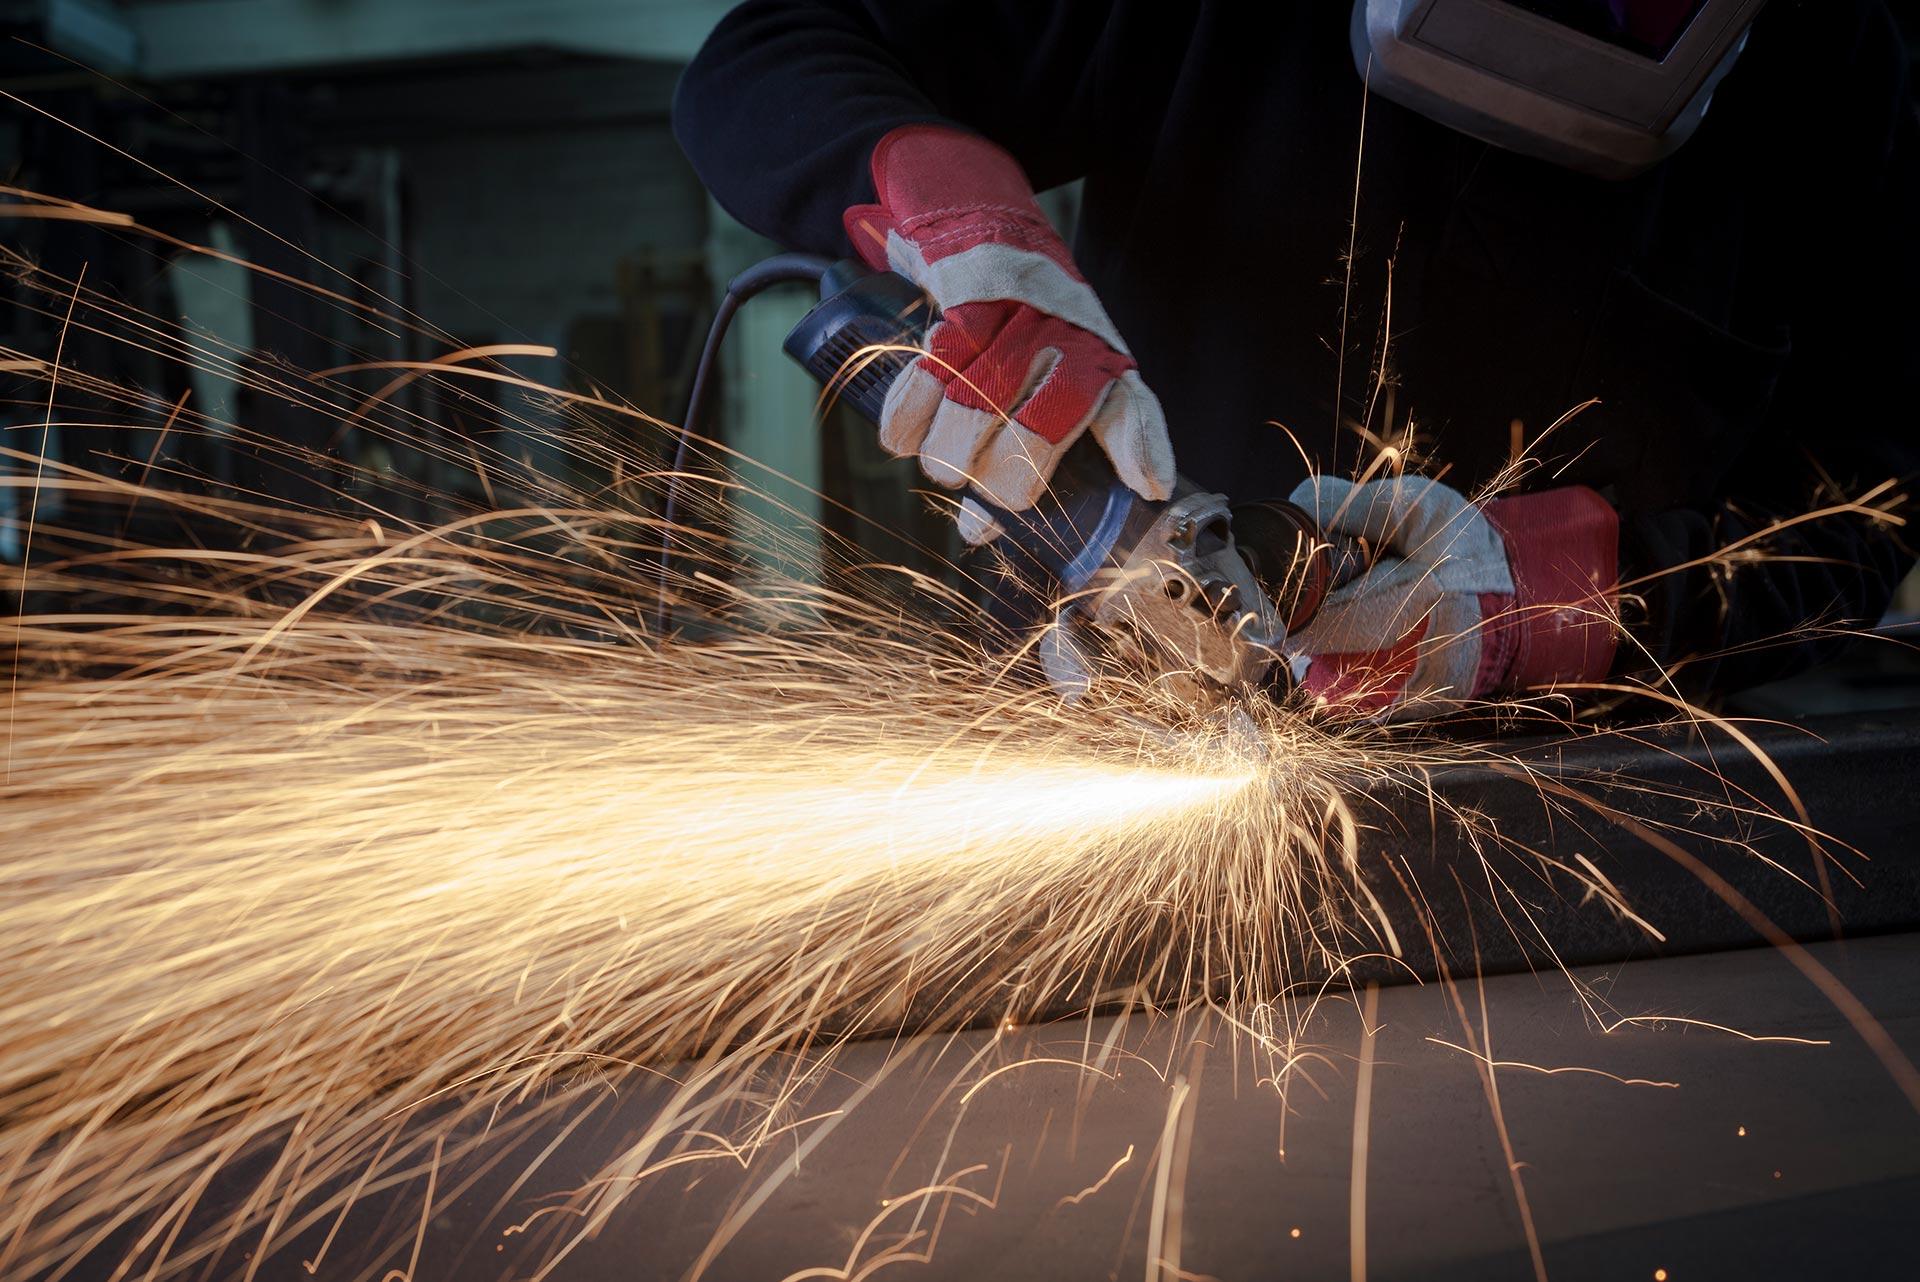 -Rukovatelj-rucnim-mehaniziranim-alatima-busilice-brusilice-kompresori